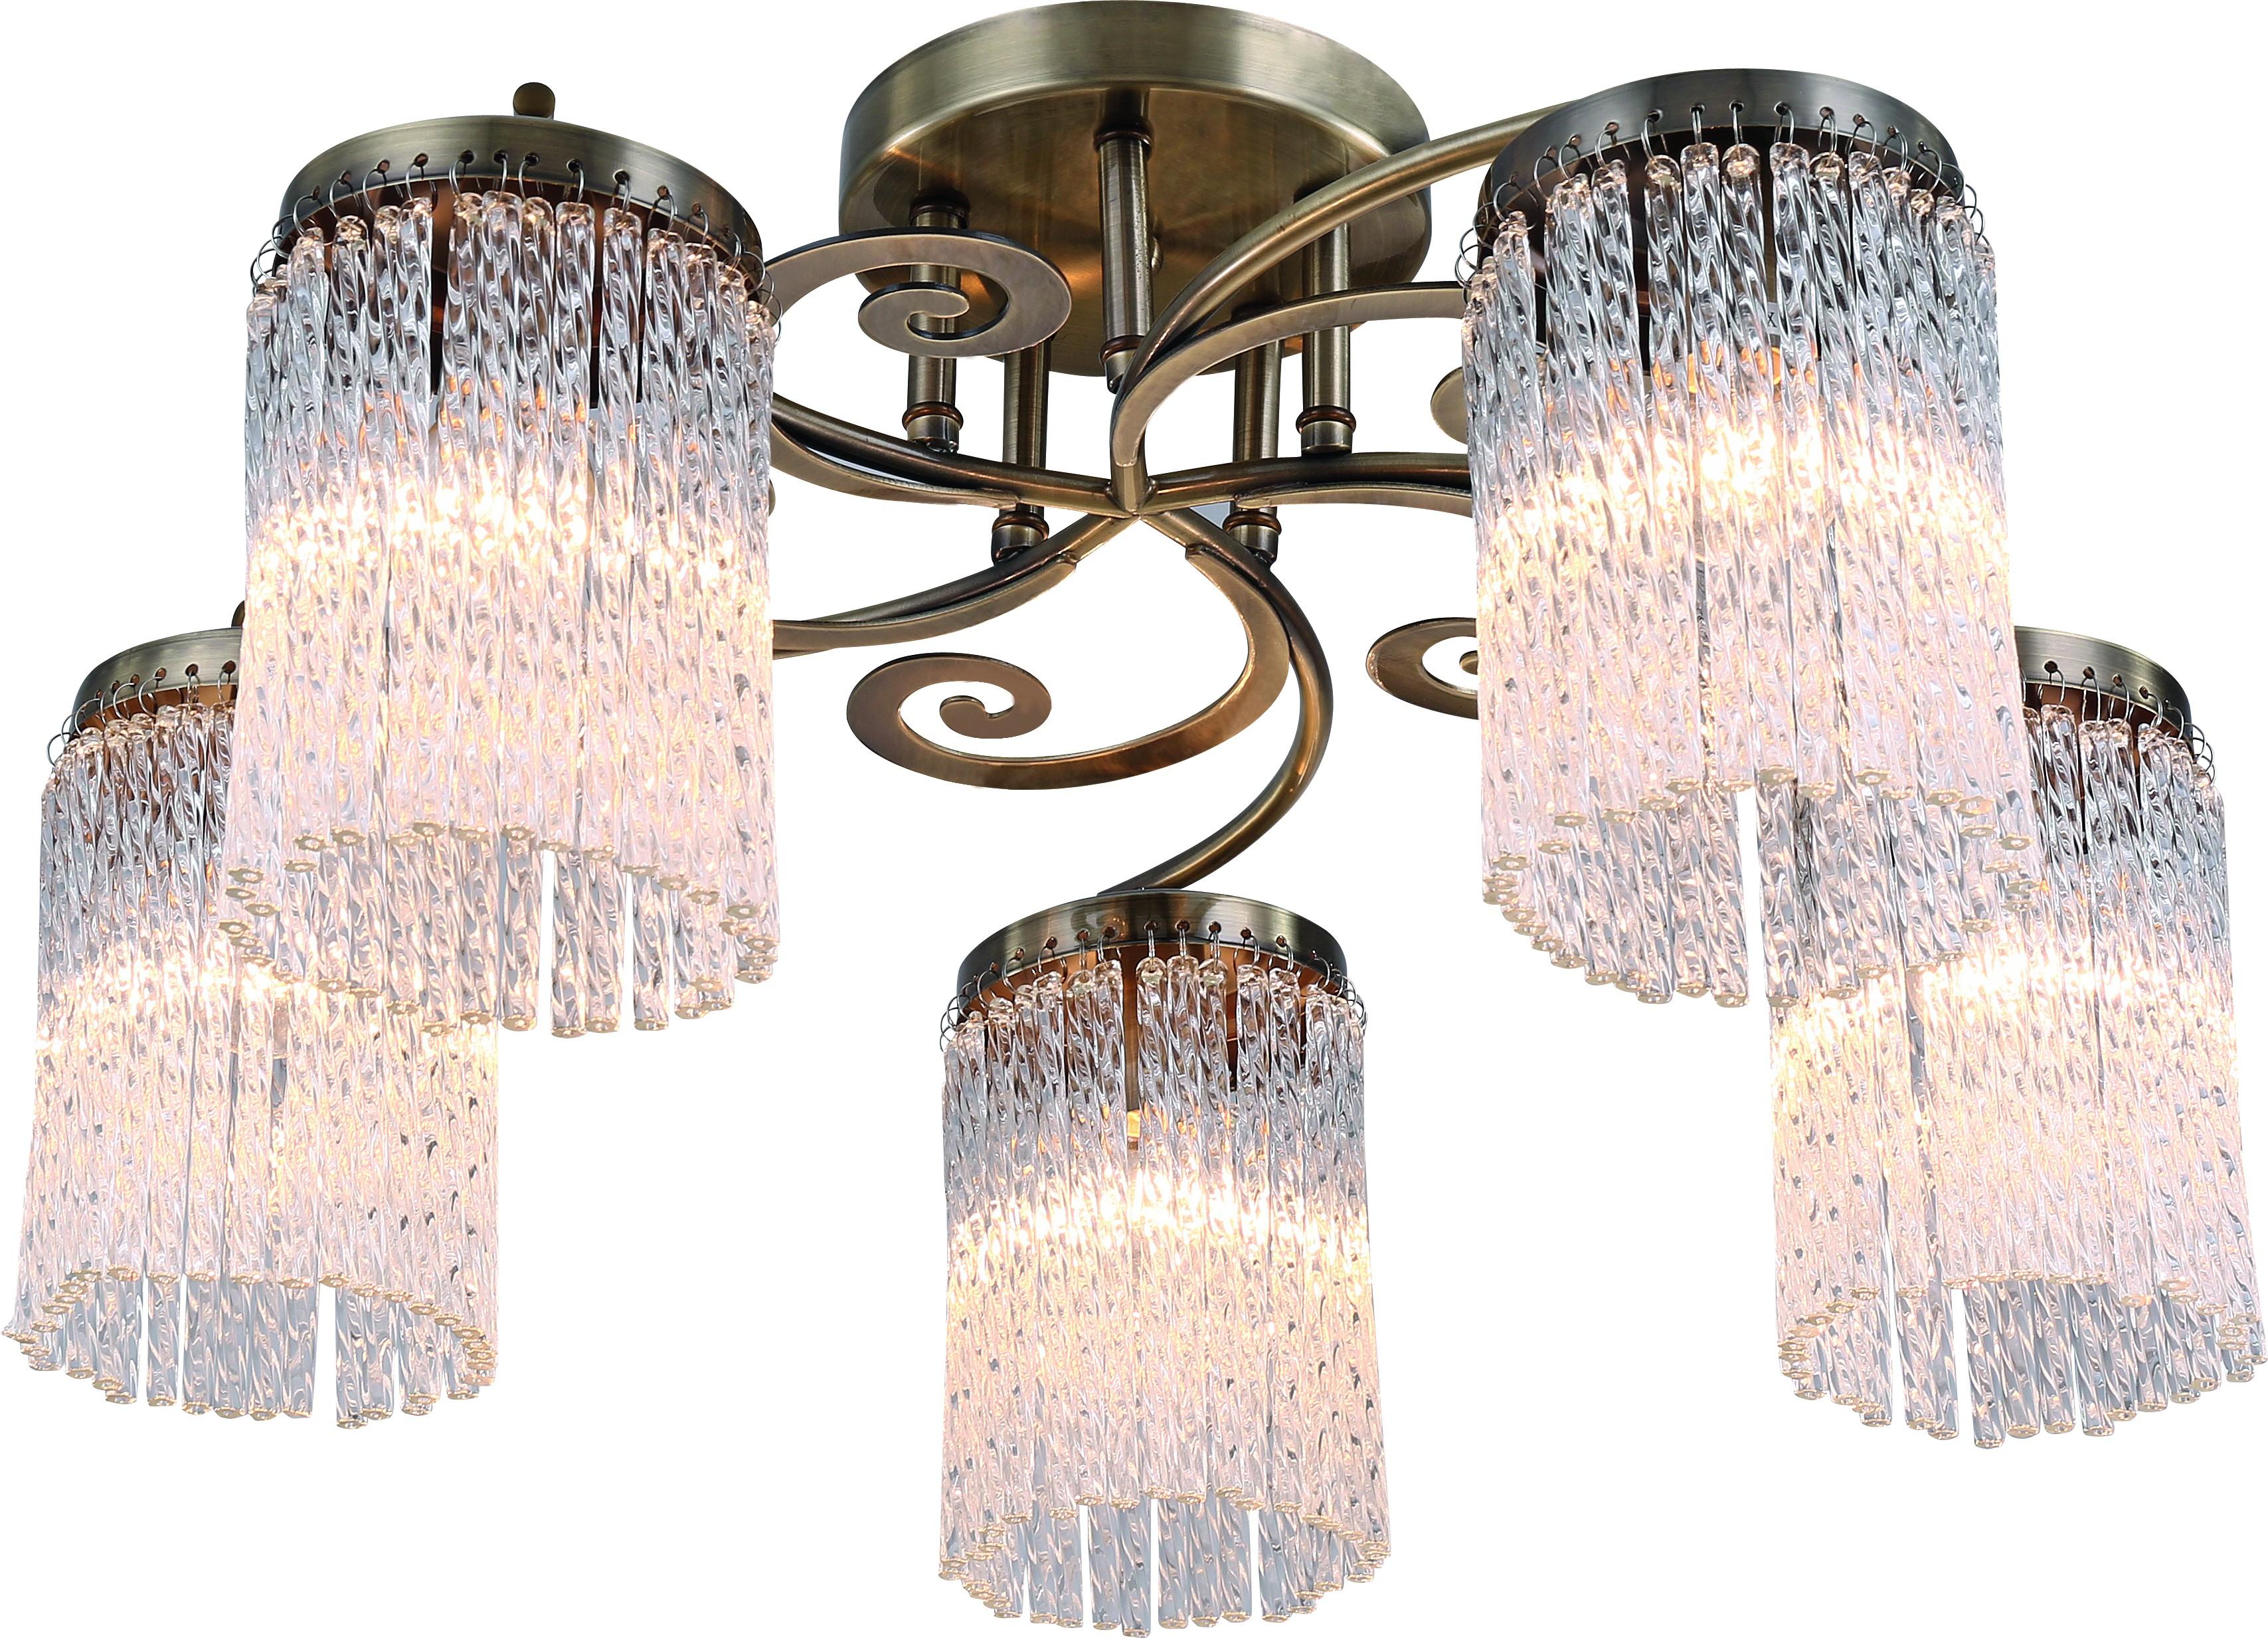 Люстра Arte lamp A1576pl-5ab arte lamp люстра arte lamp a7556pl 5ab